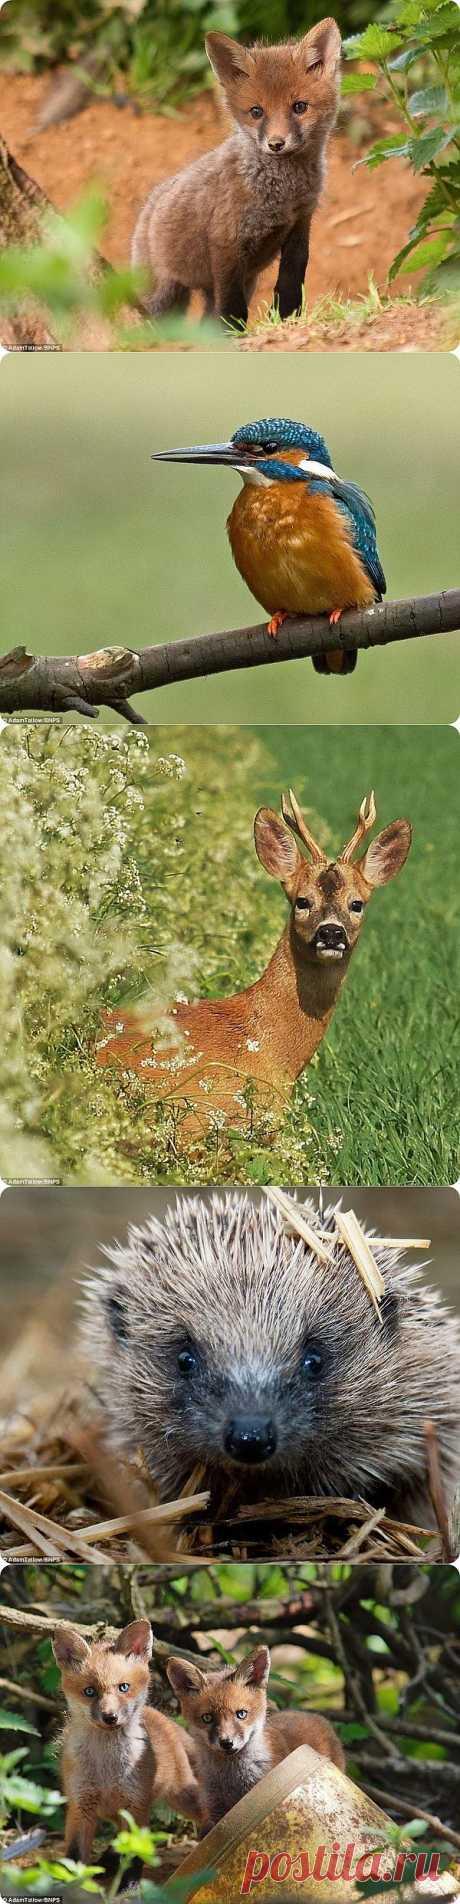 Удивительный животный мир от Адама Татлоу | ZooPicture.ru